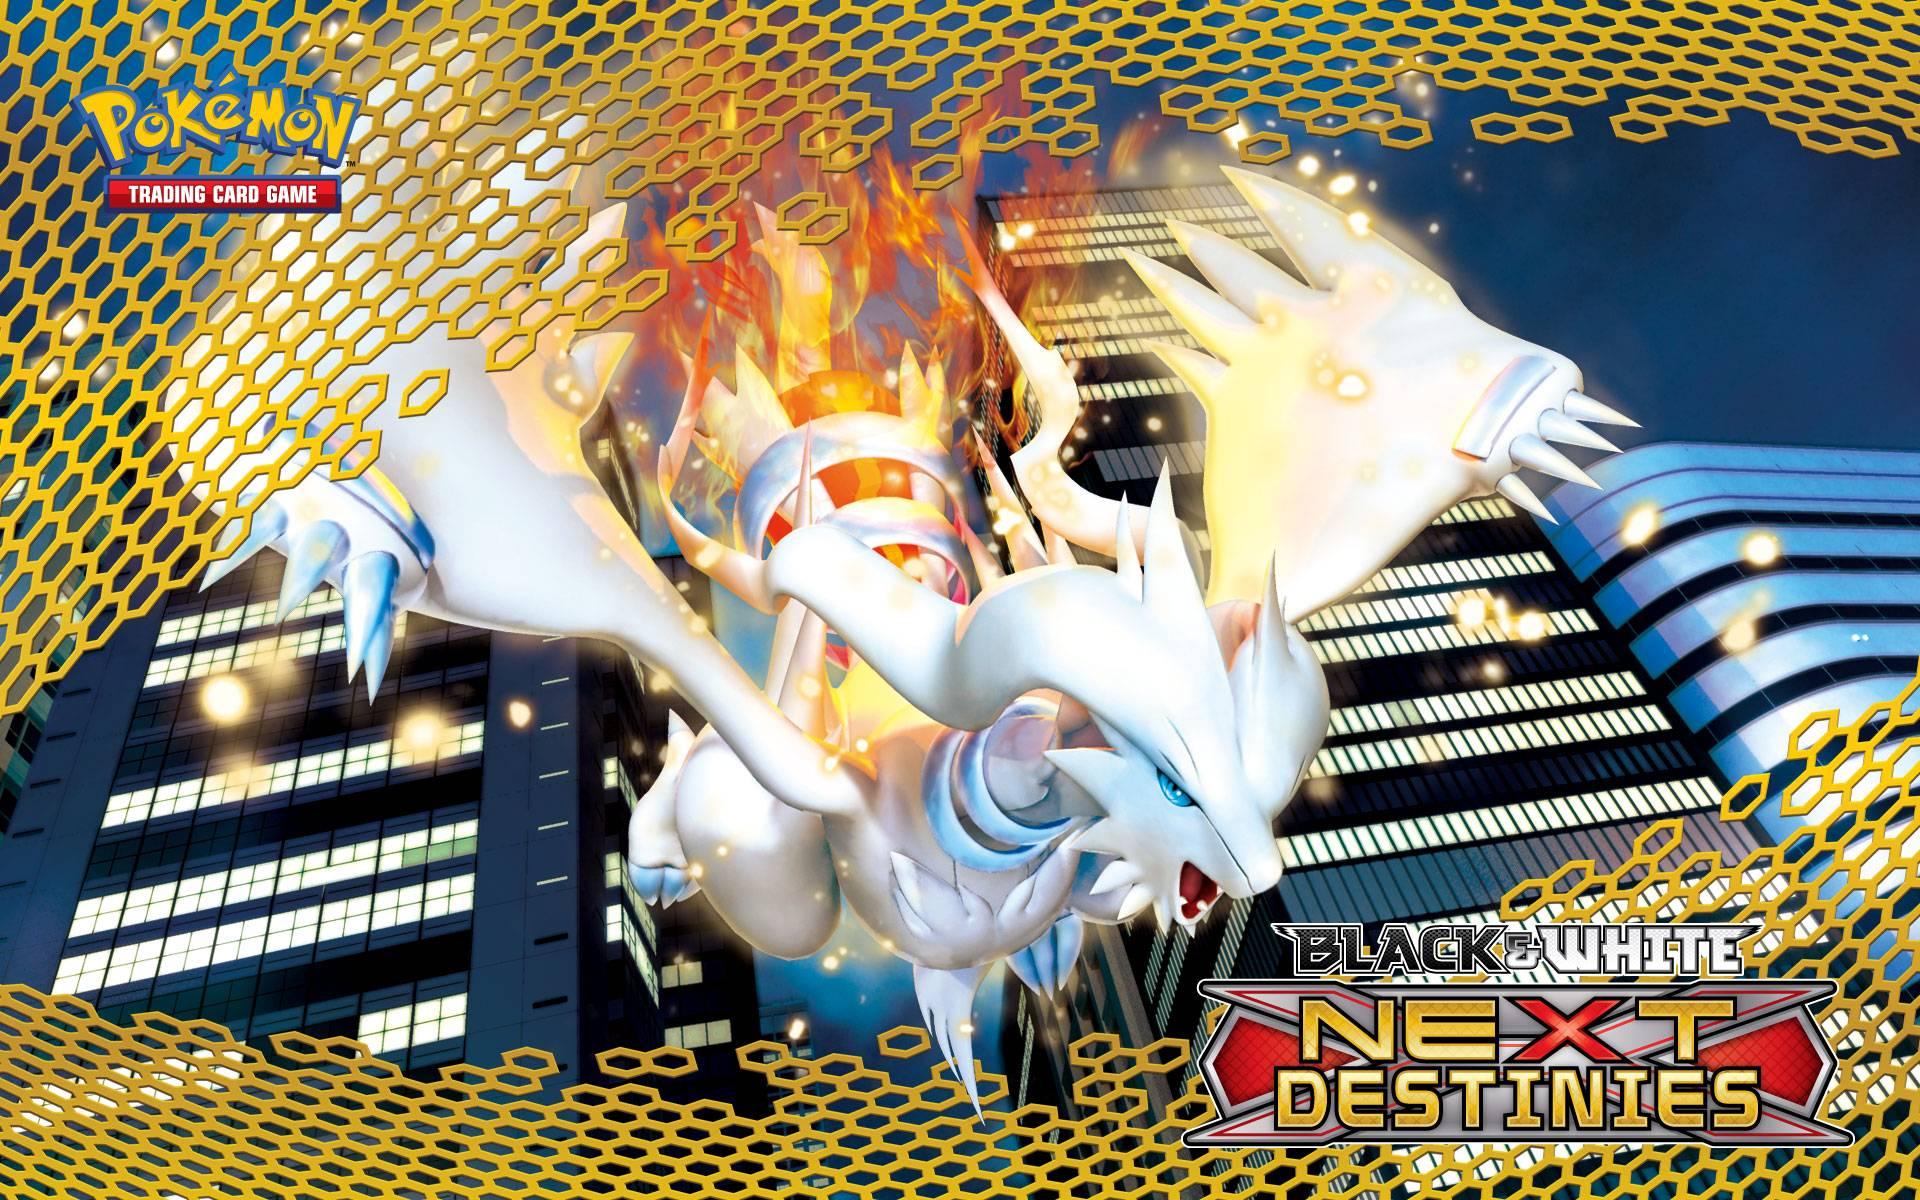 Pokémon TCG Black & White—Next Destinies Reshiram - Pokemon Wallpaper